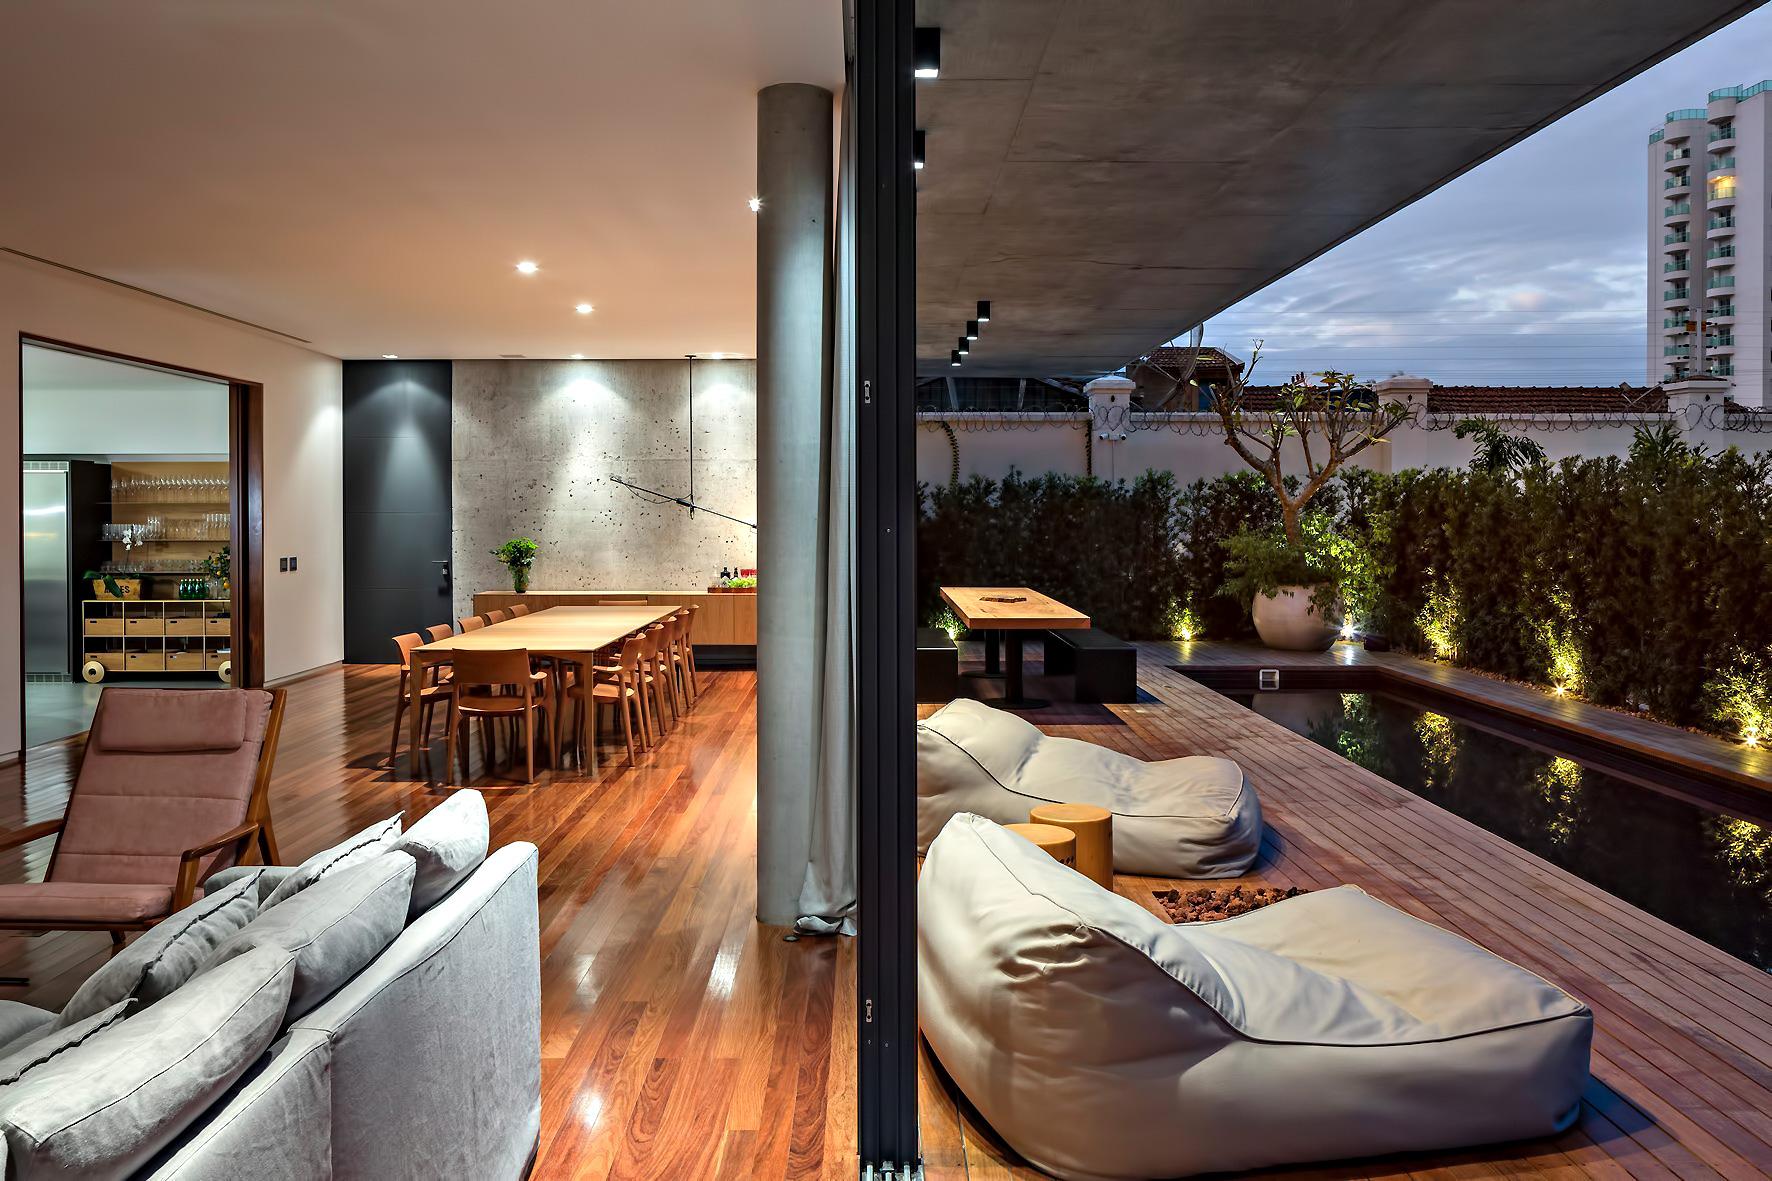 Casa Bravos Luxury Residence - Itajai, Santa Catarina, Brazil